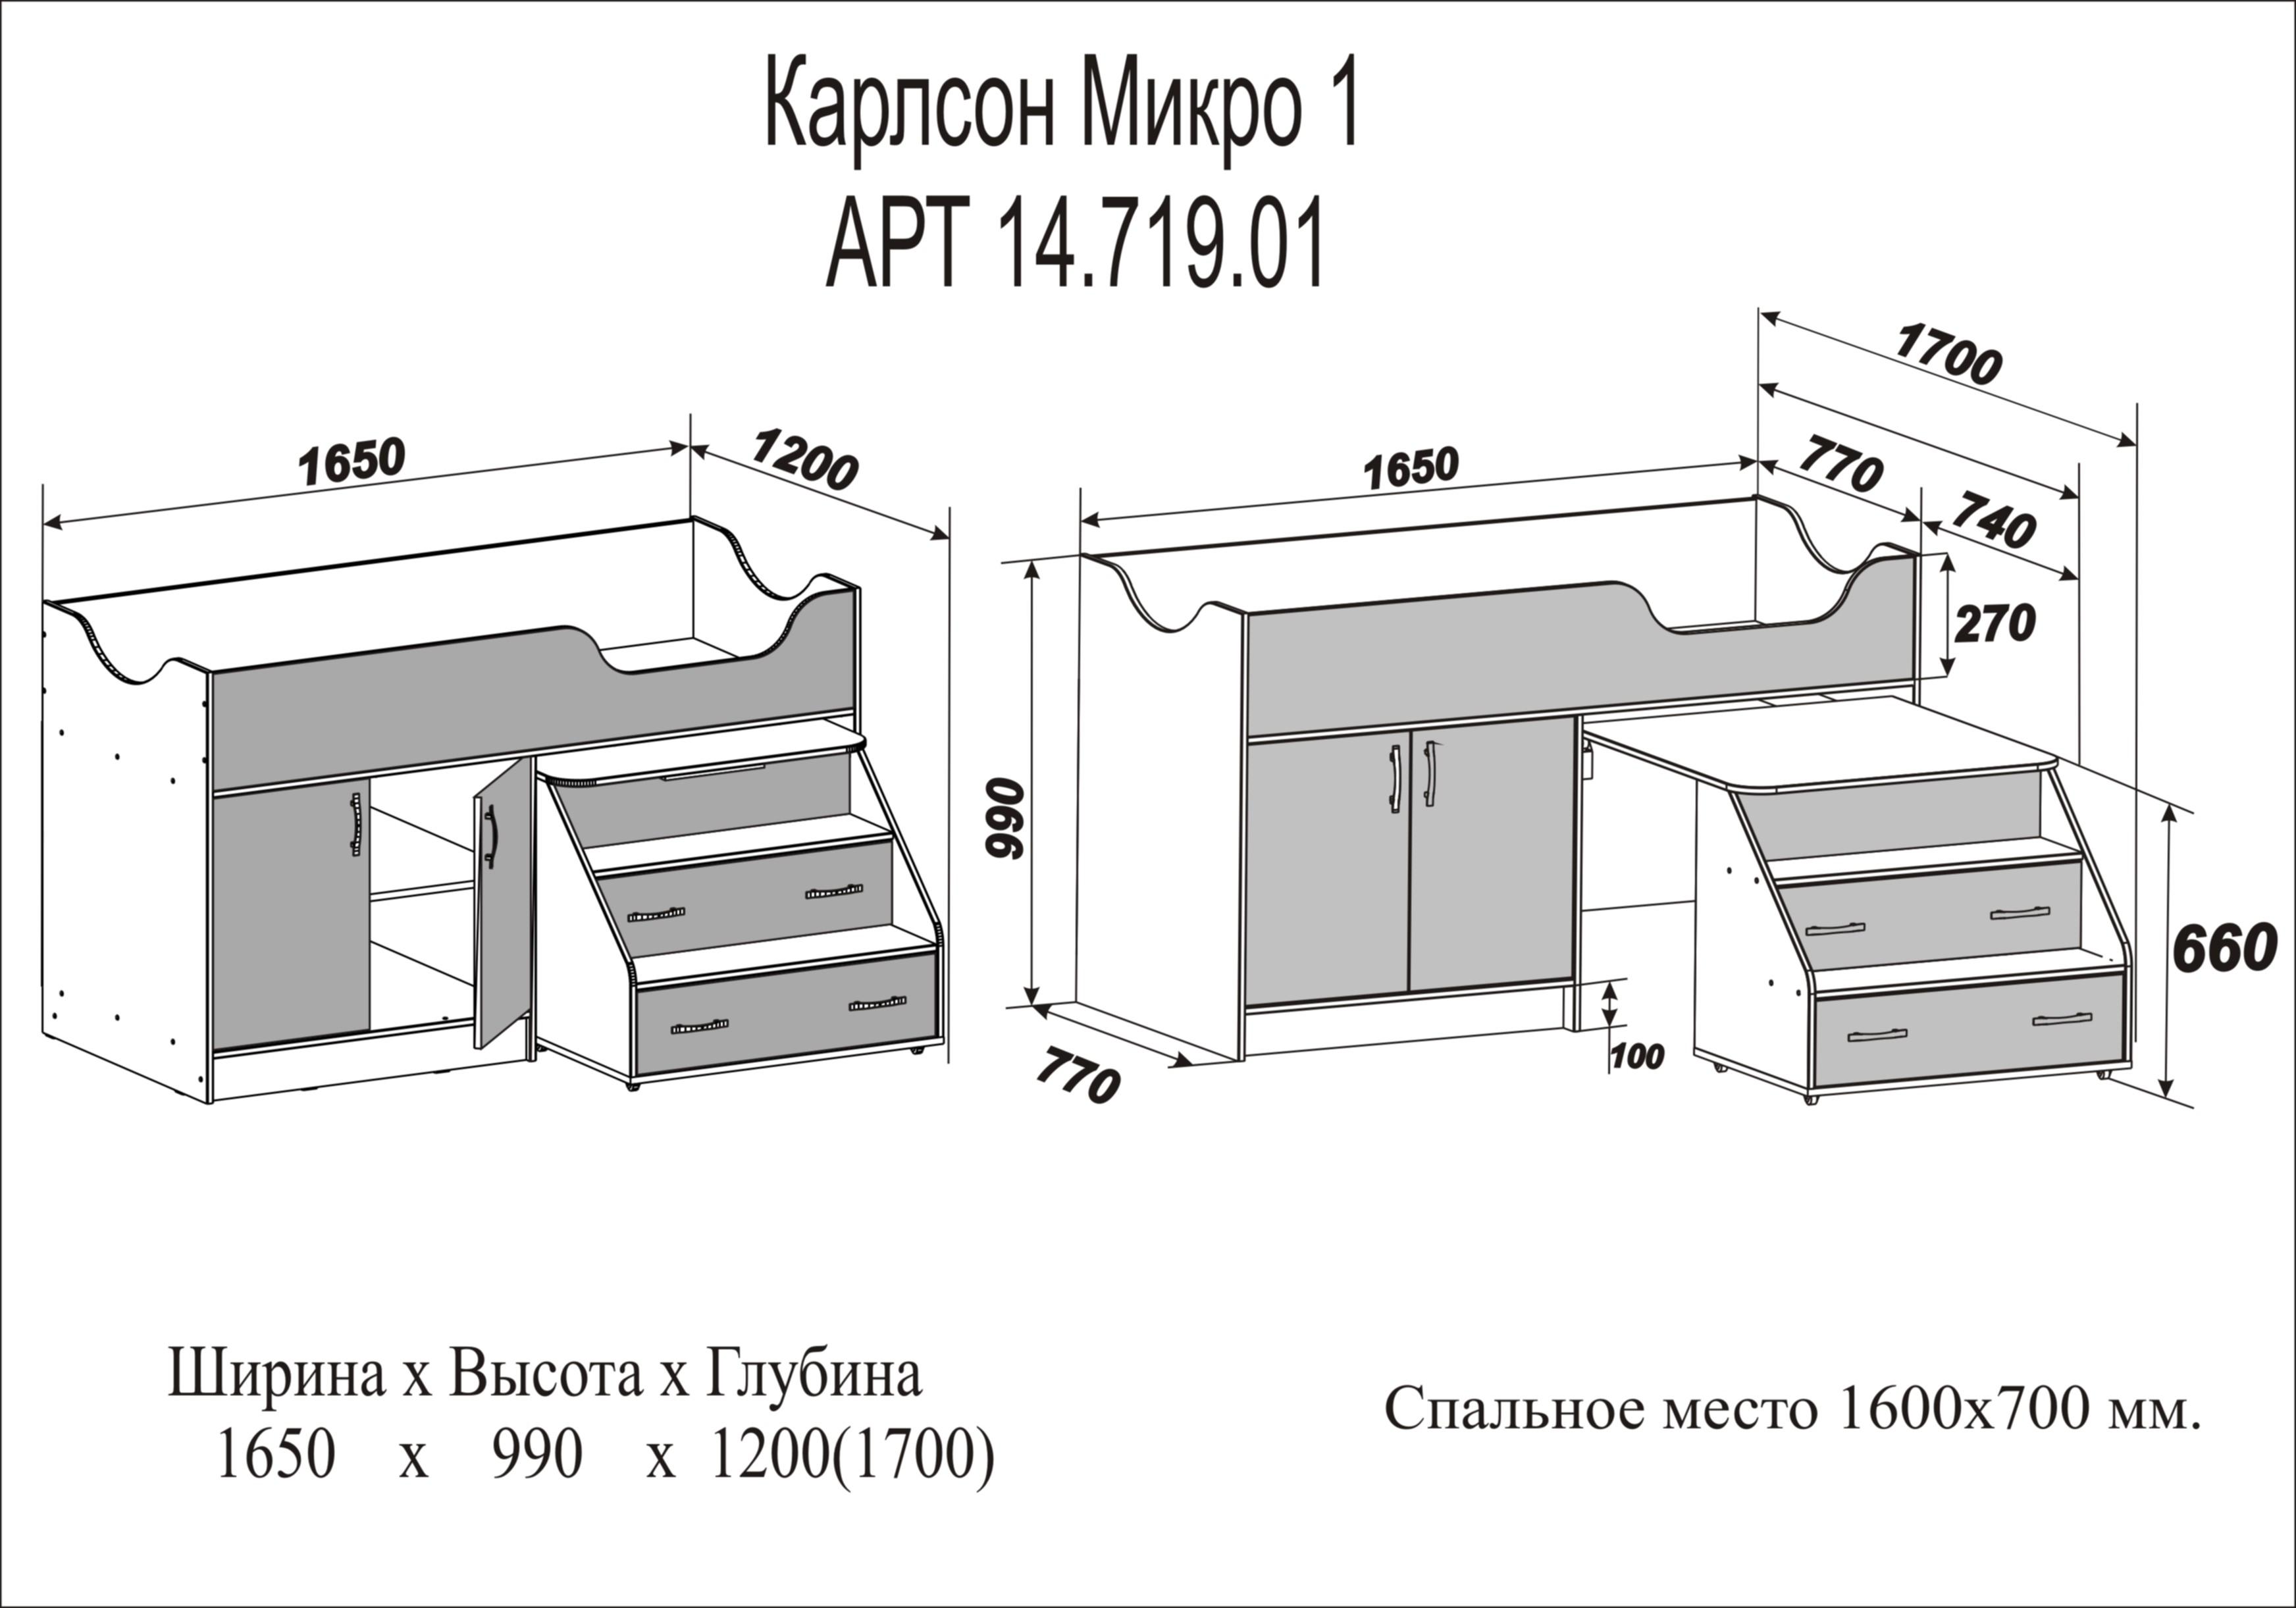 беларусская мебель в караганде